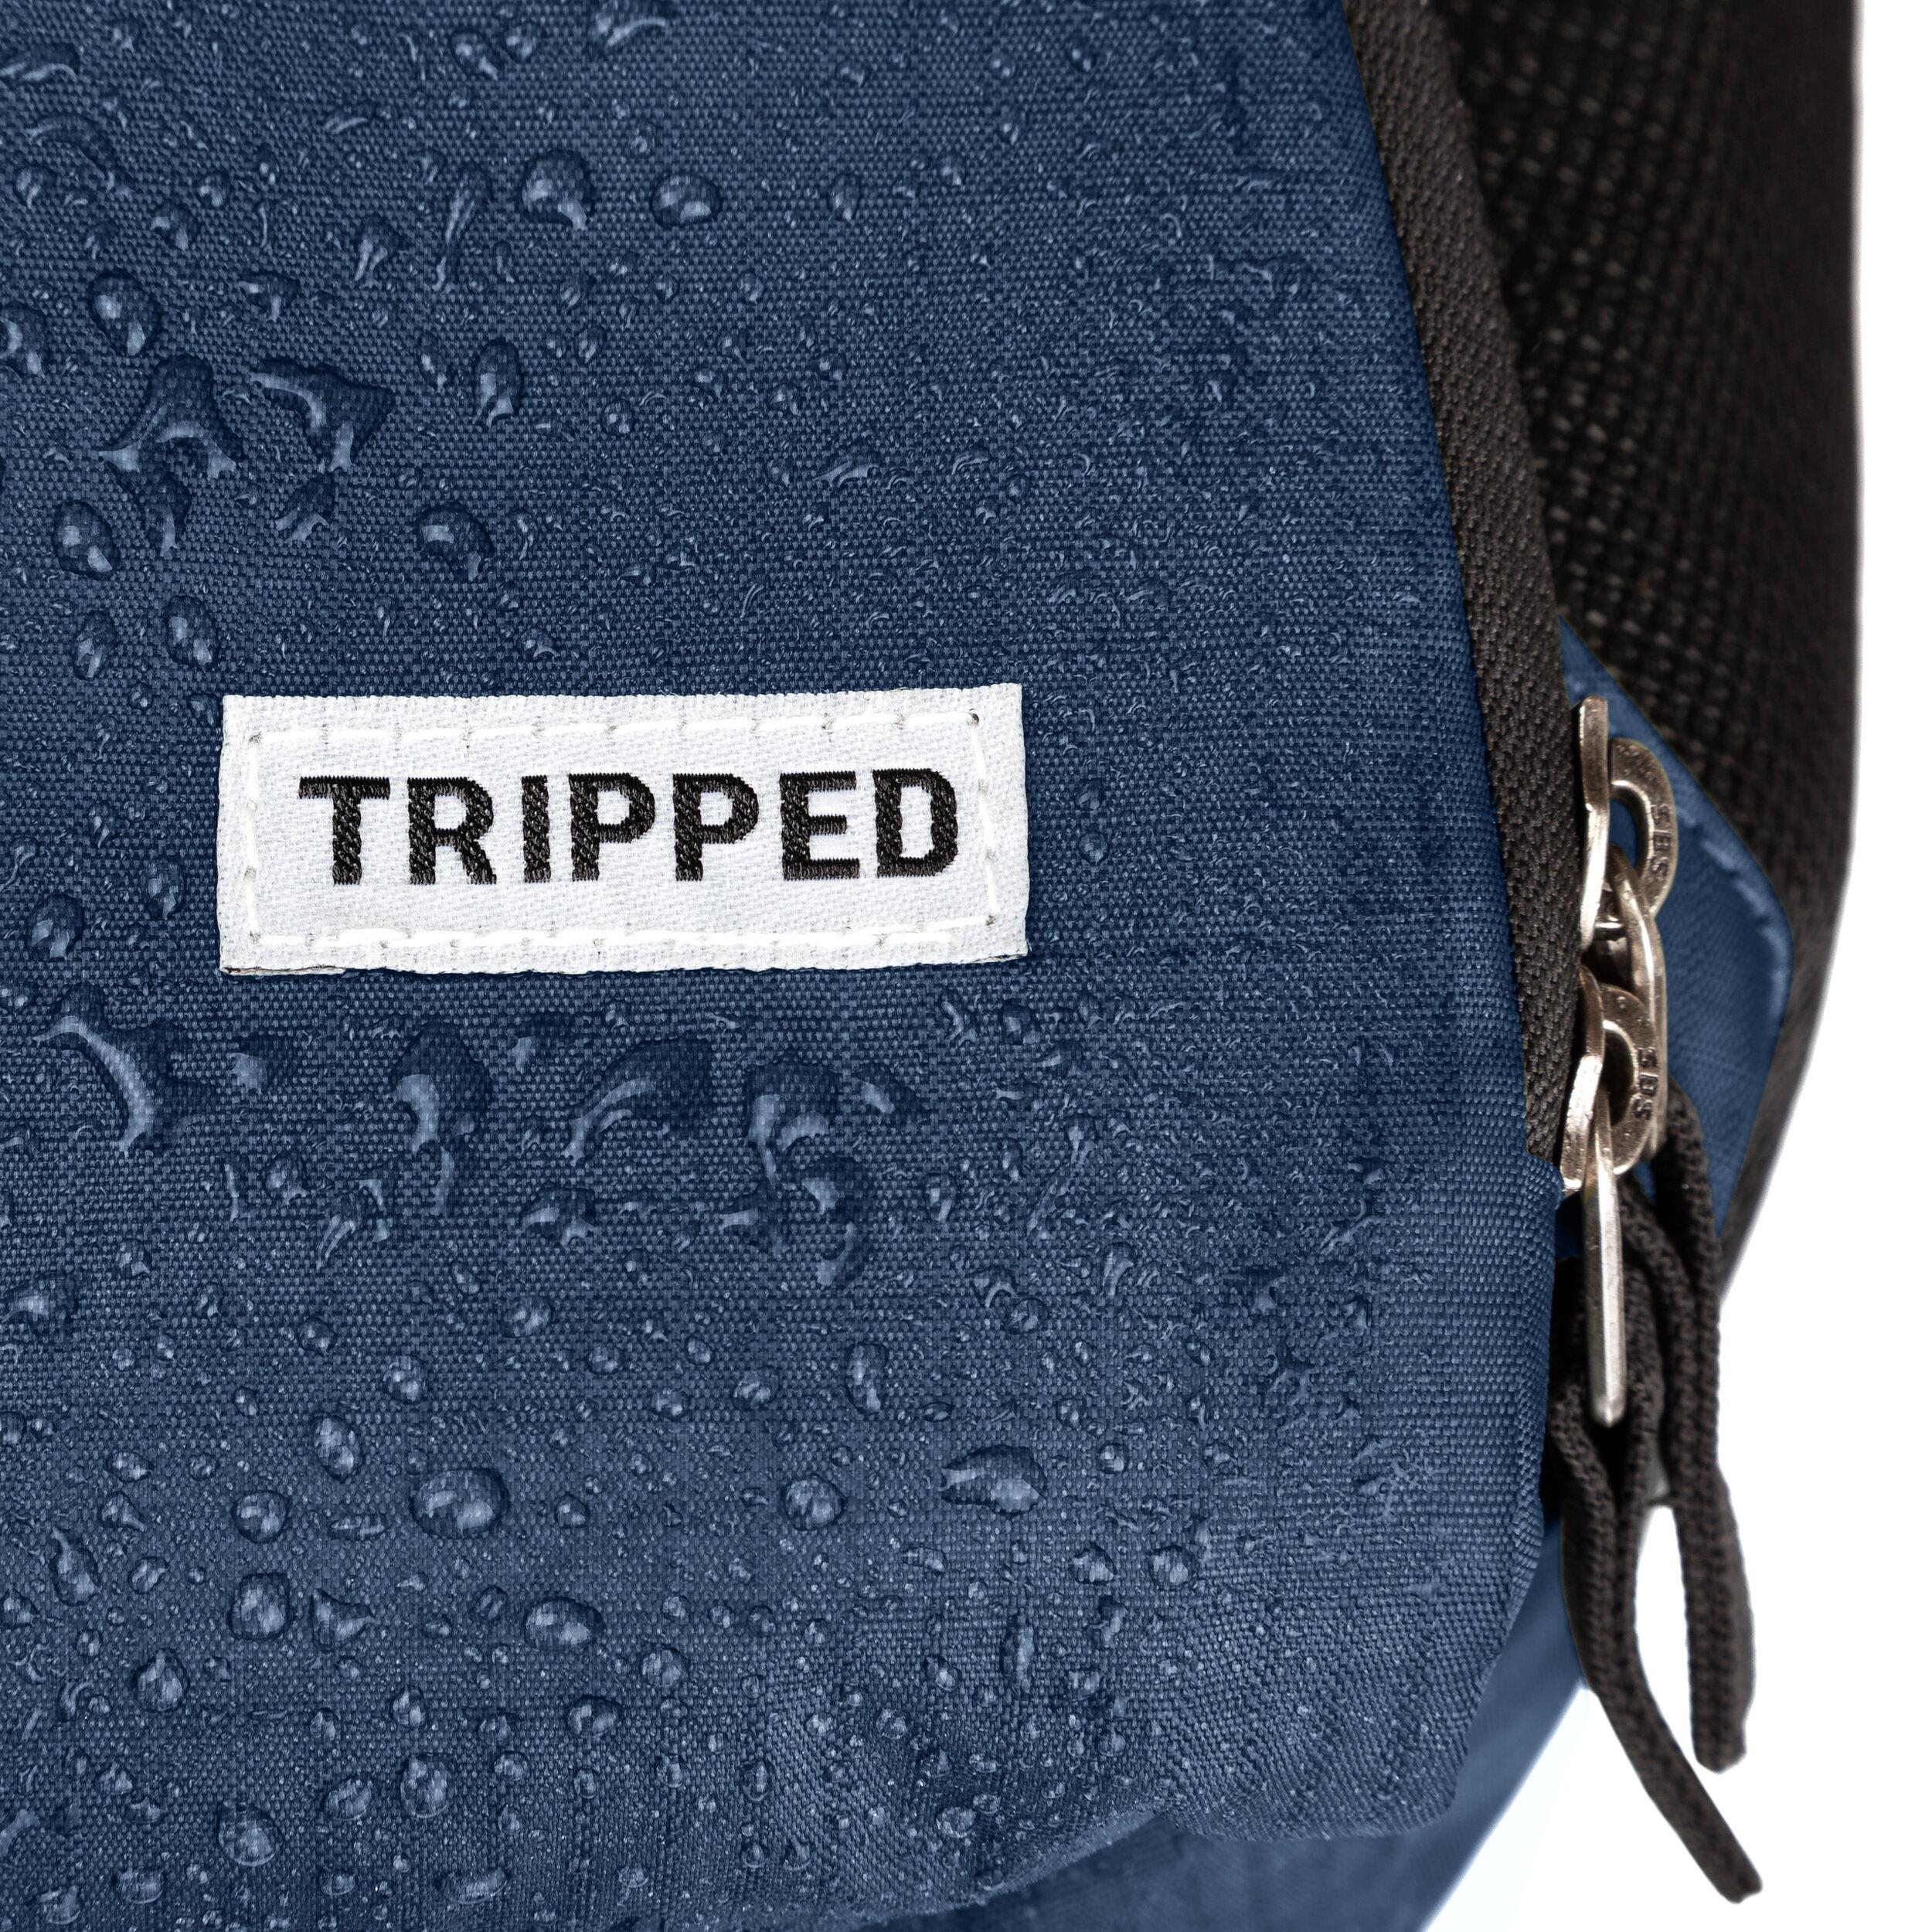 Image 8 - Water Resistant Blue.jpg